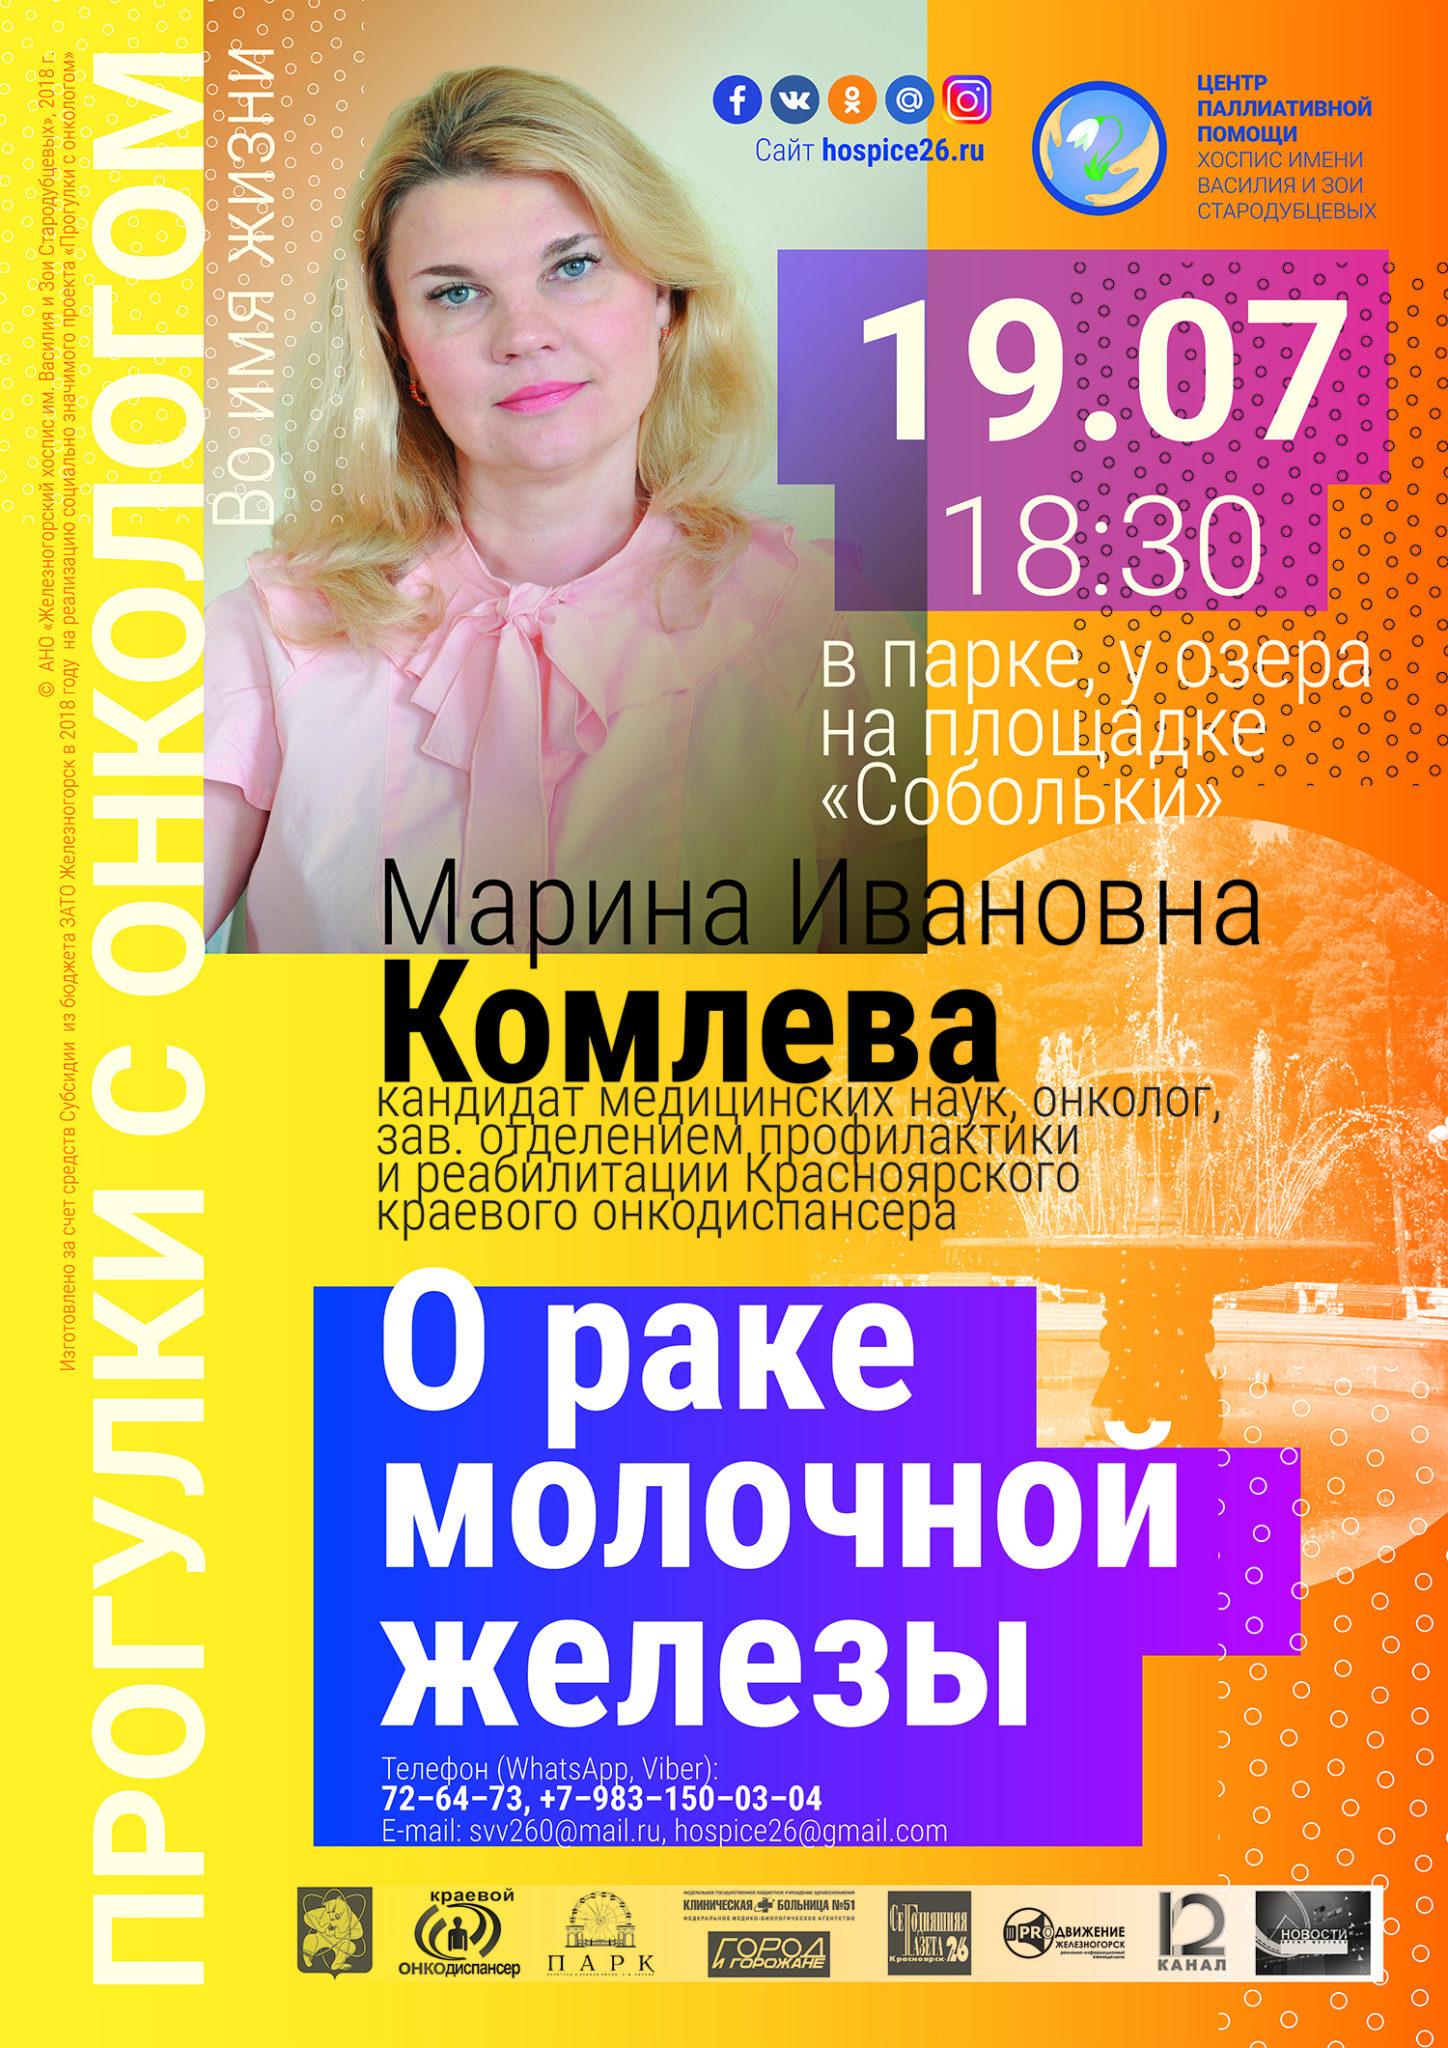 Марина Ивановна Комлева: «О раке молочной железы»